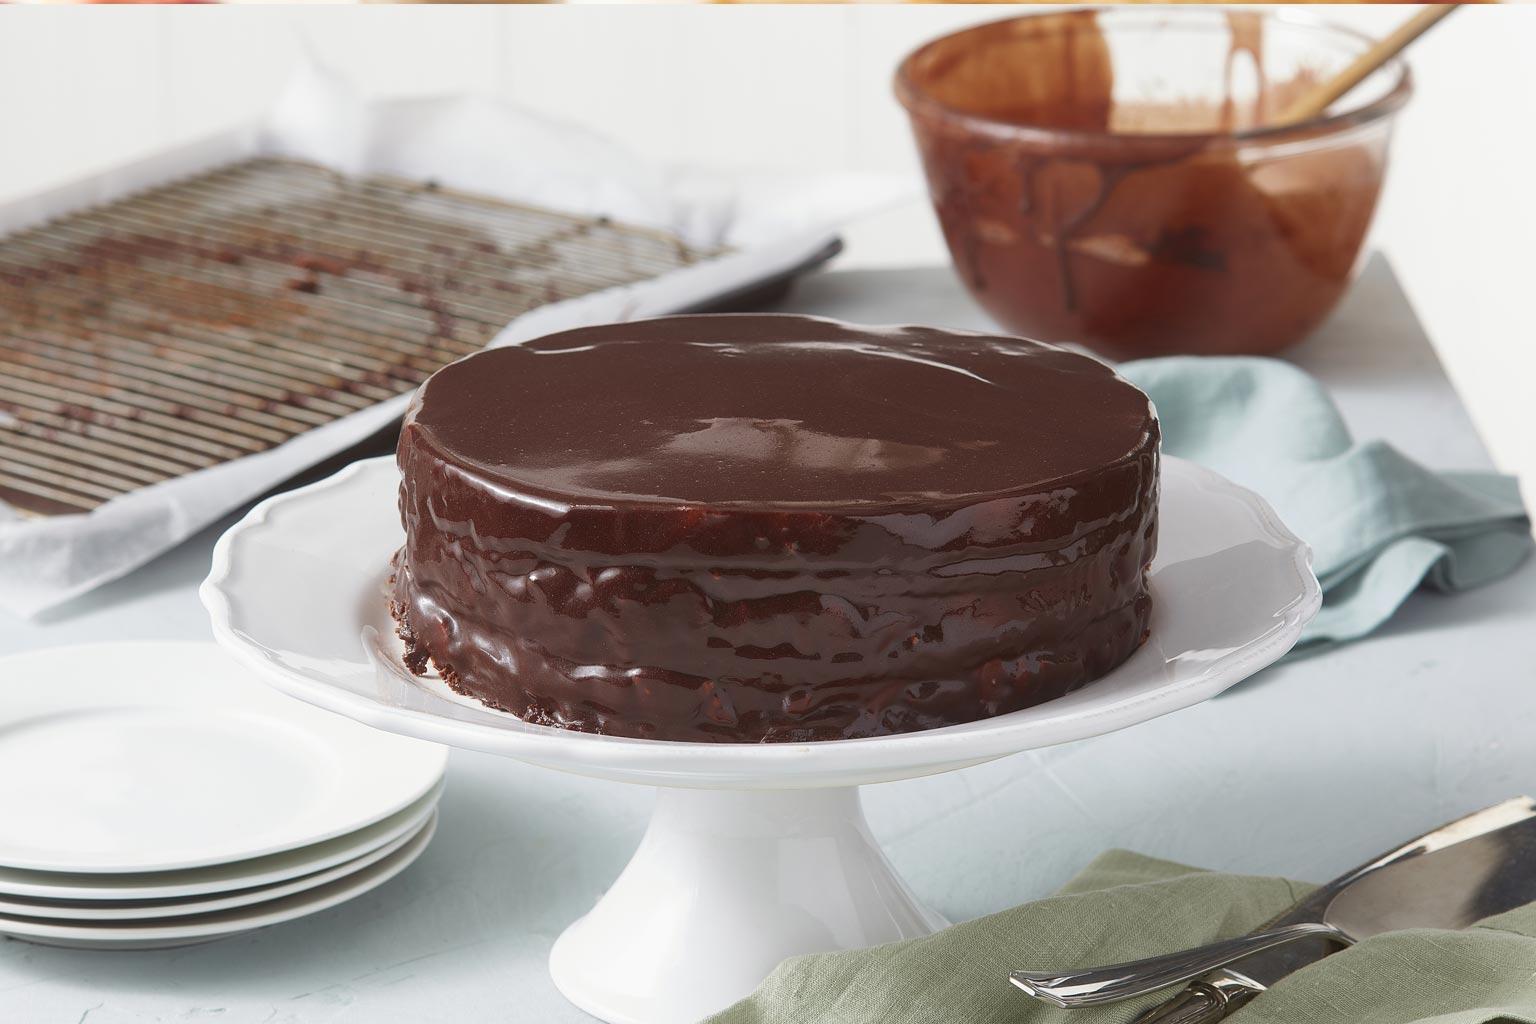 Voir la recette - Gâteau mousse au chocolat